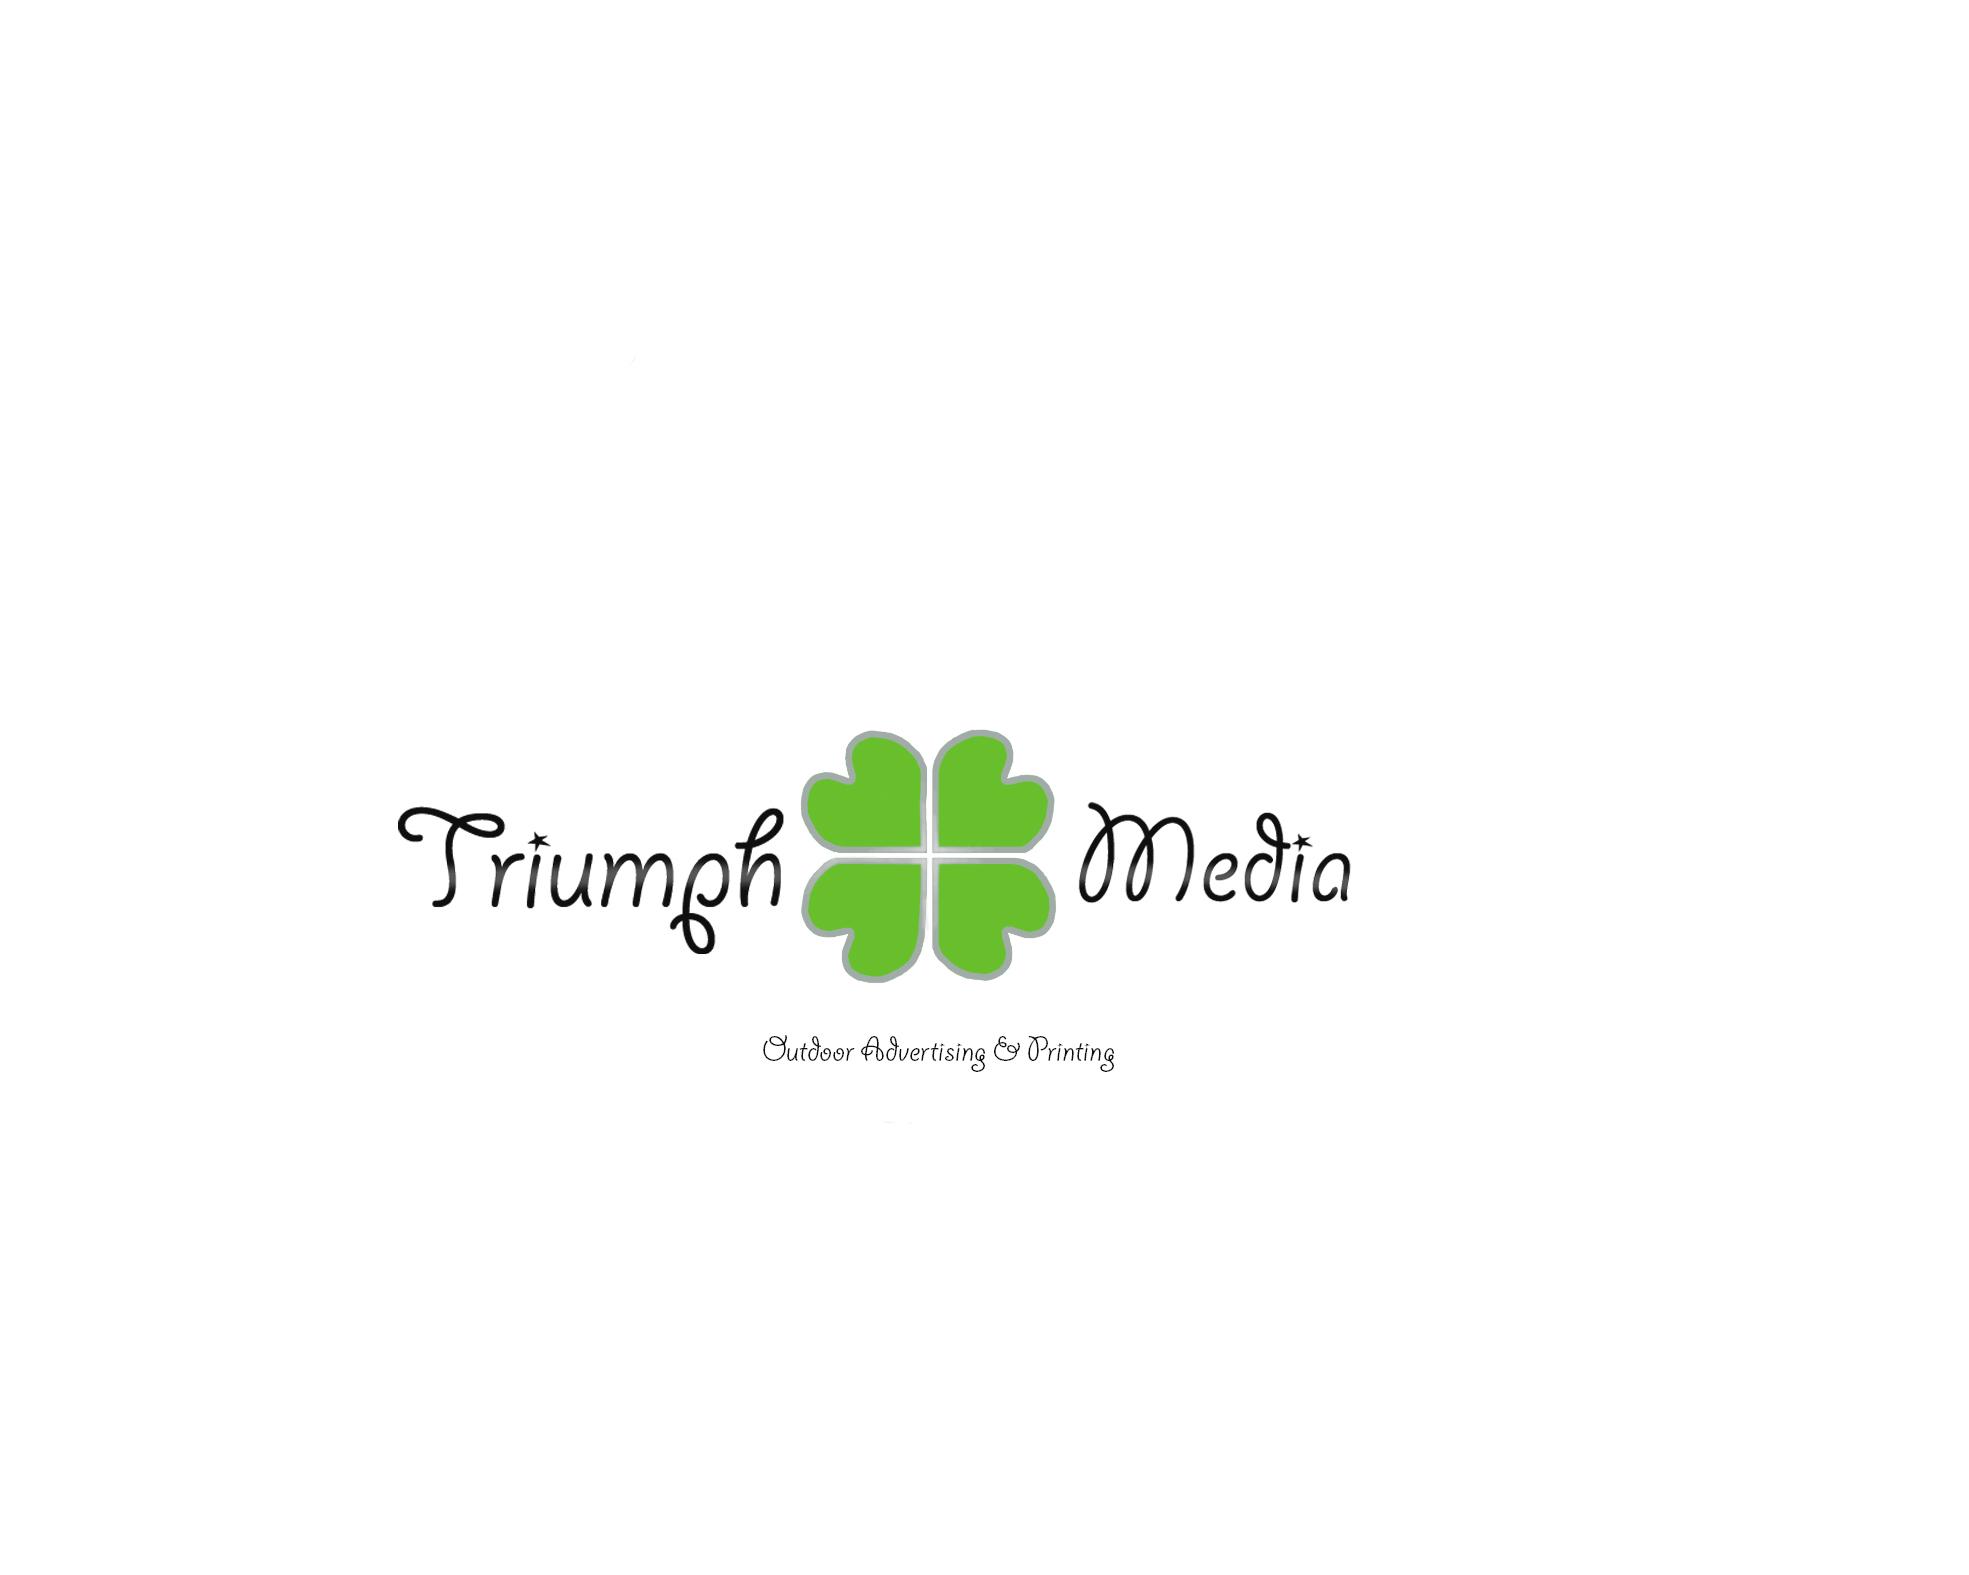 Разработка логотипа  TRIUMPH MEDIA с изображением клевера фото f_506effd1b5345.jpg